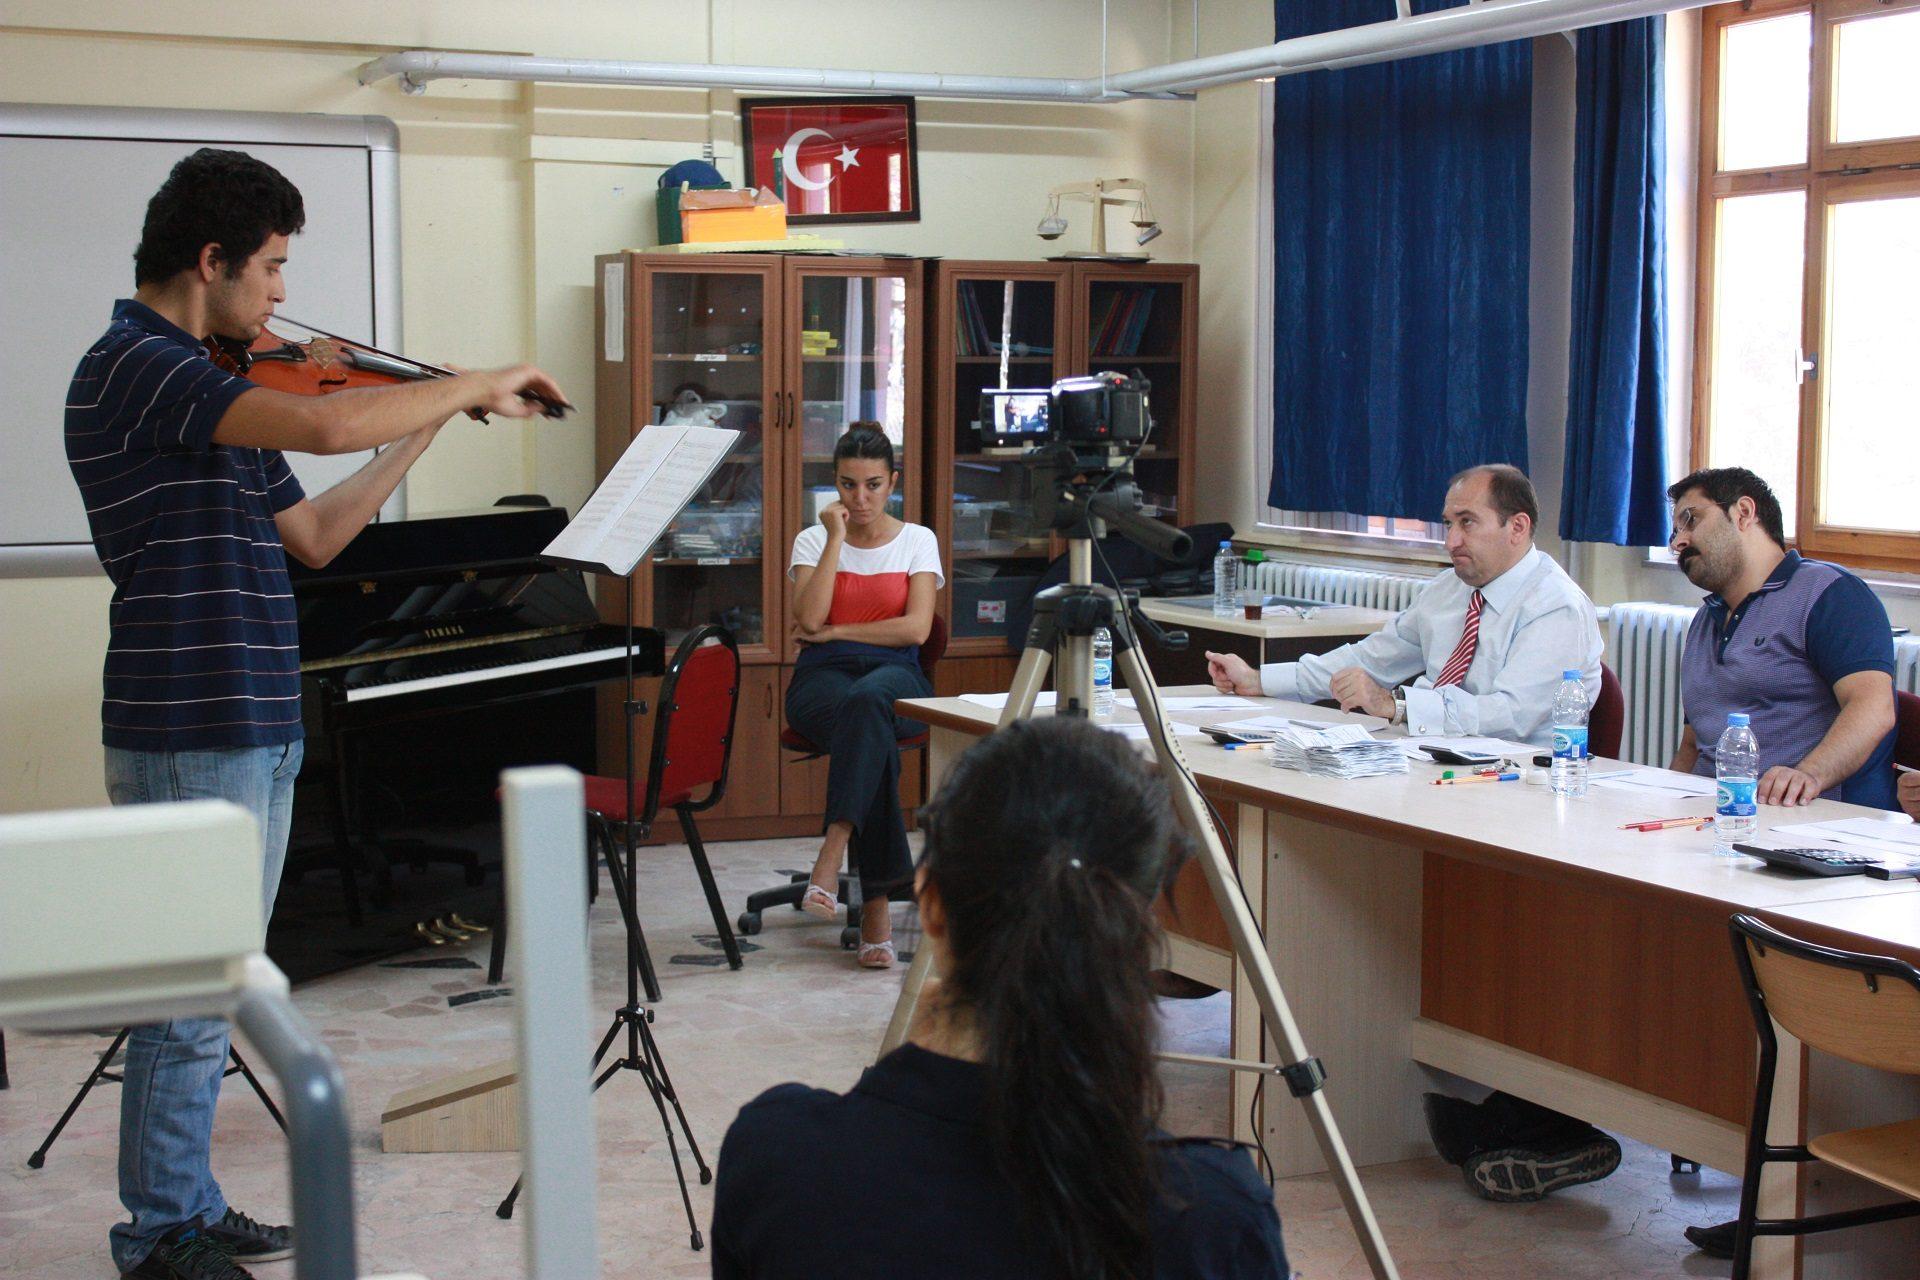 Müzik Konservatuvarları Önemli Bilgiler Soru Cevap Bilgi Programın Amacı Dersleri Eğitimi İş Bulma Çalışma Kursu Ders Okul Sınav